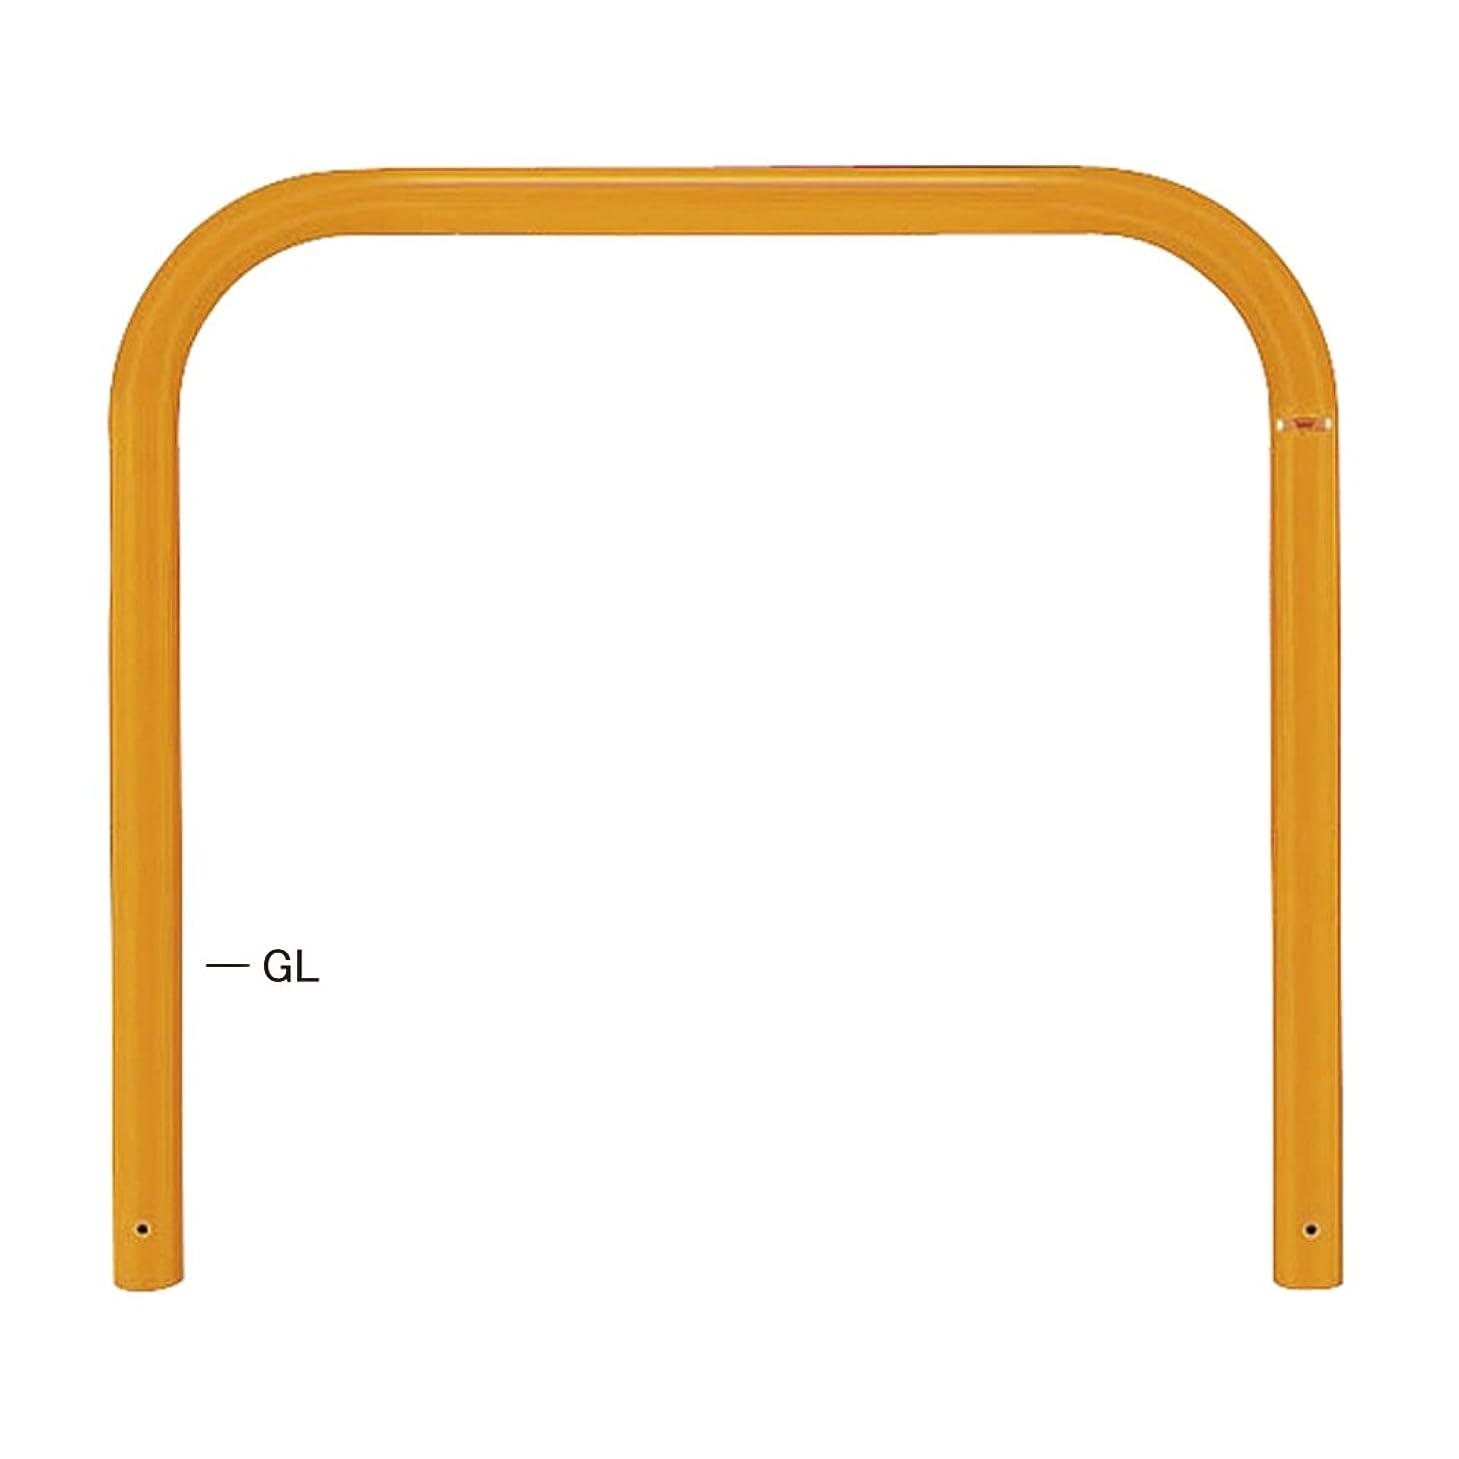 キッチン魅了する震え帝金バリカー 車止め 横型 スチール製 φ60.5 GLH=650 W=1000 固定式 82A-10 黄色